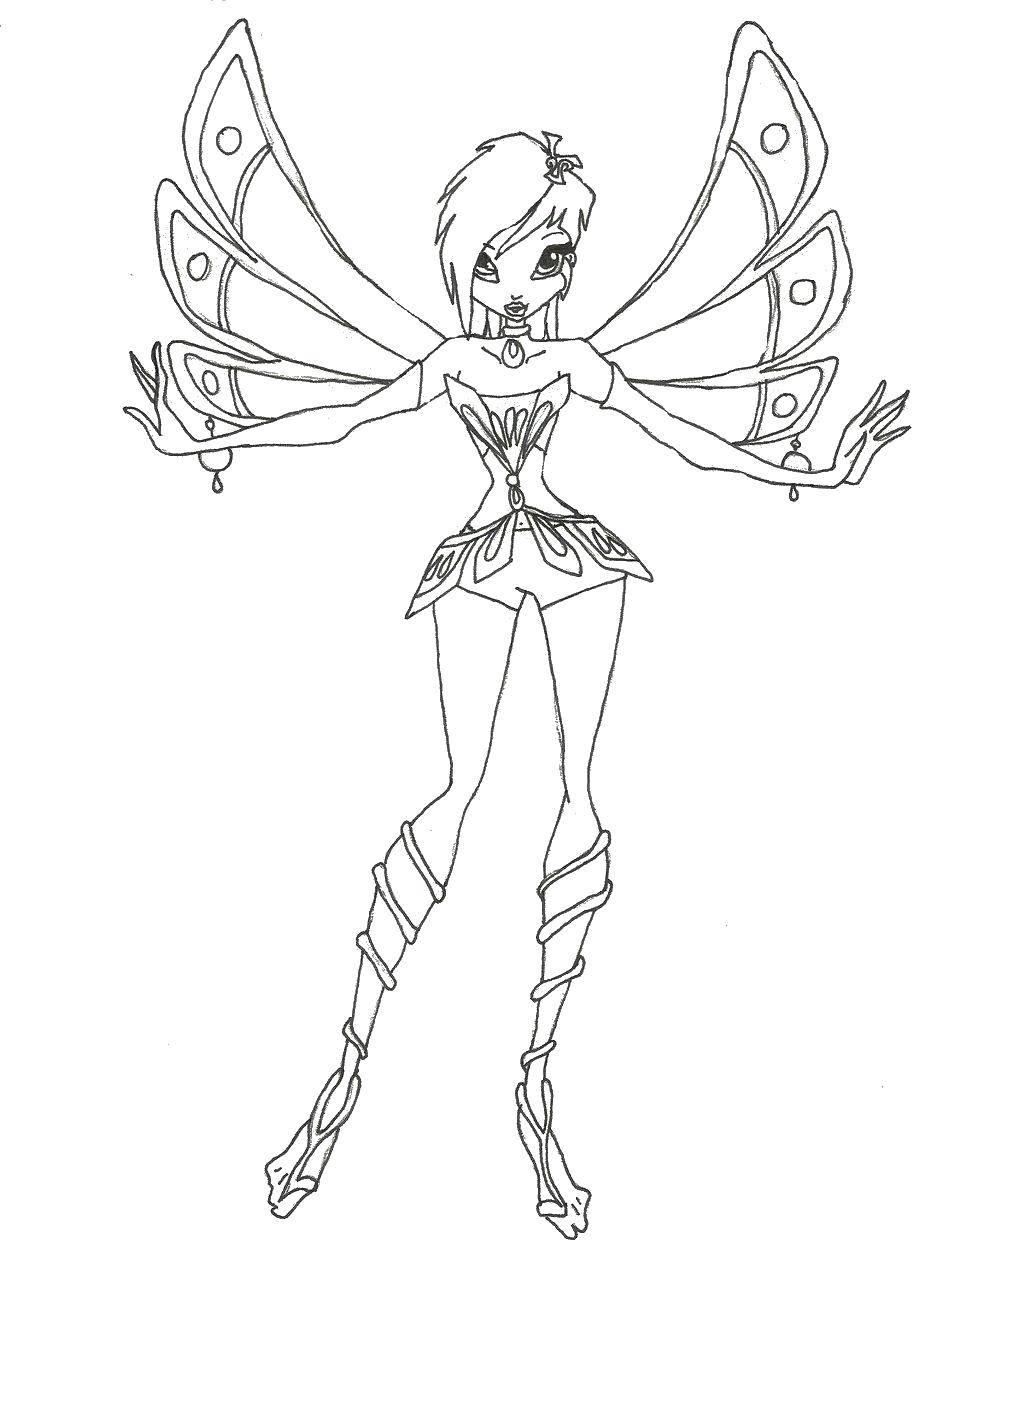 Раскраска Текна из мультфильма winx с красивыми крылышками Скачать Персонаж из мультфильма, Winx.  Распечатать ,Винкс,